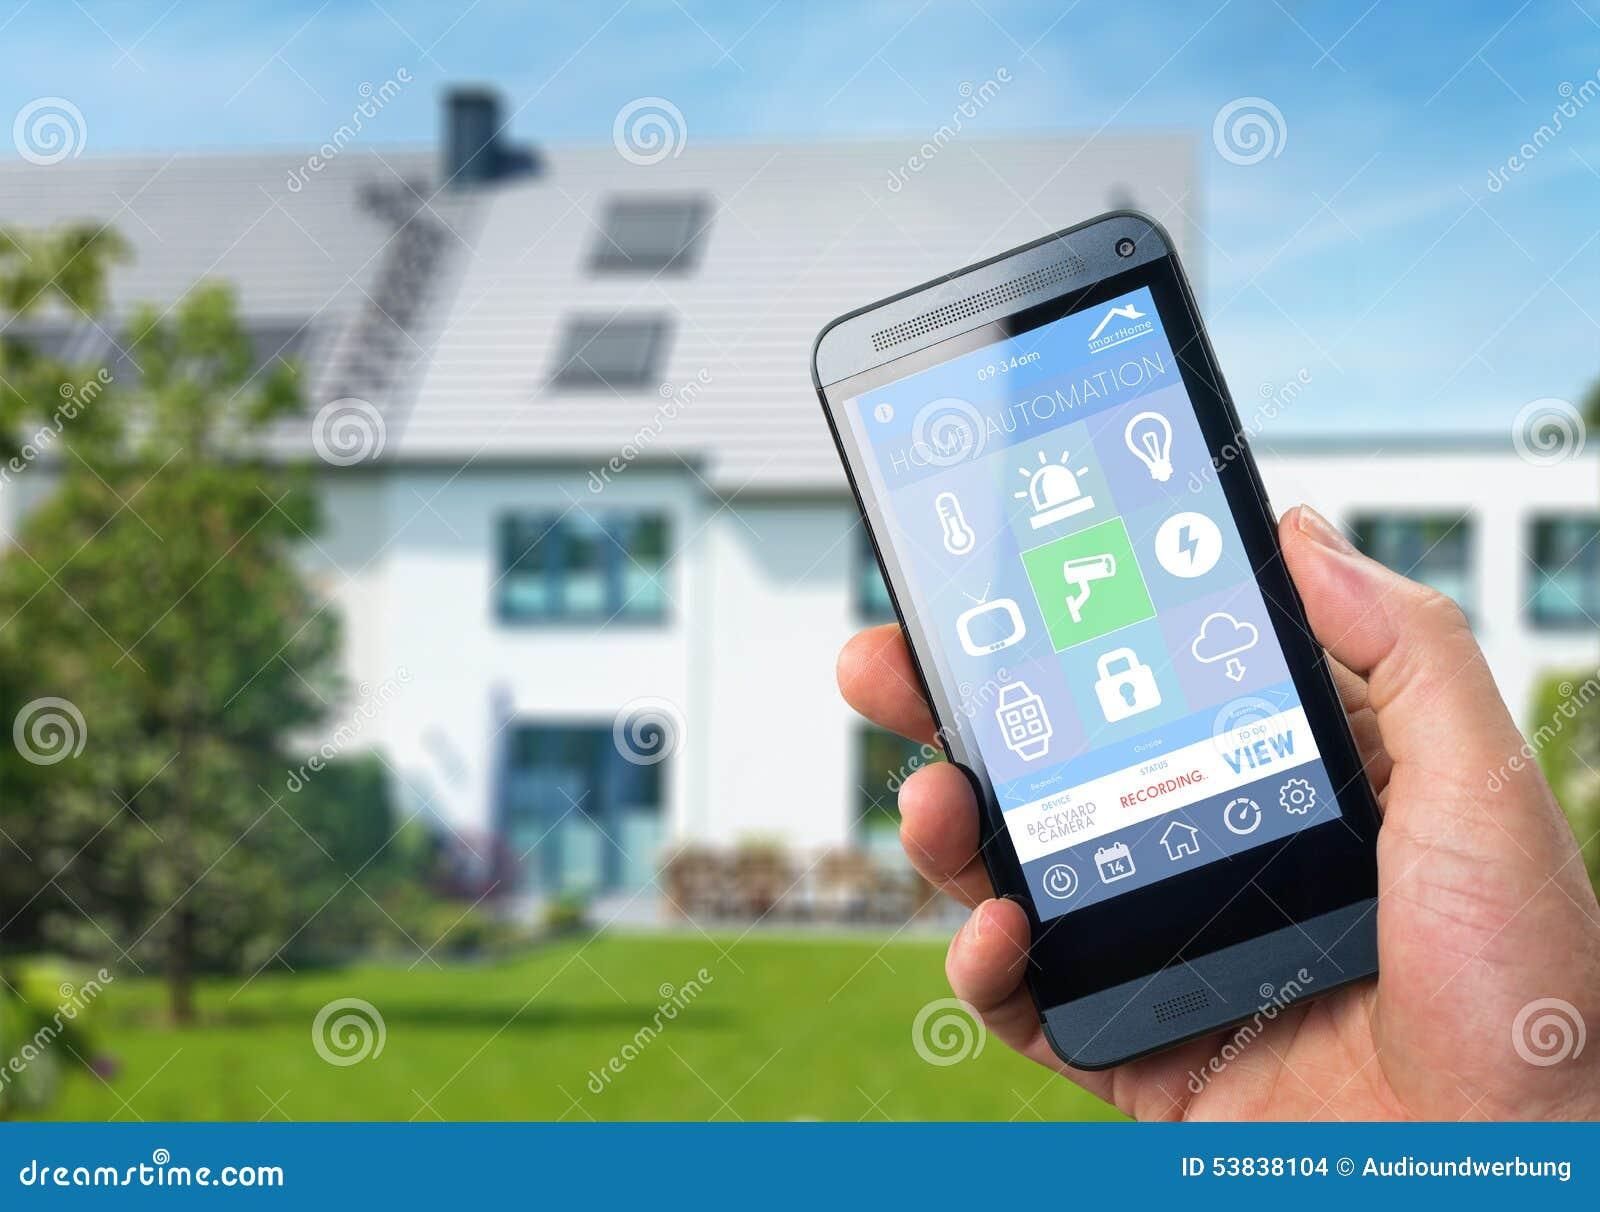 smart home device home control stock illustration image 53838104. Black Bedroom Furniture Sets. Home Design Ideas